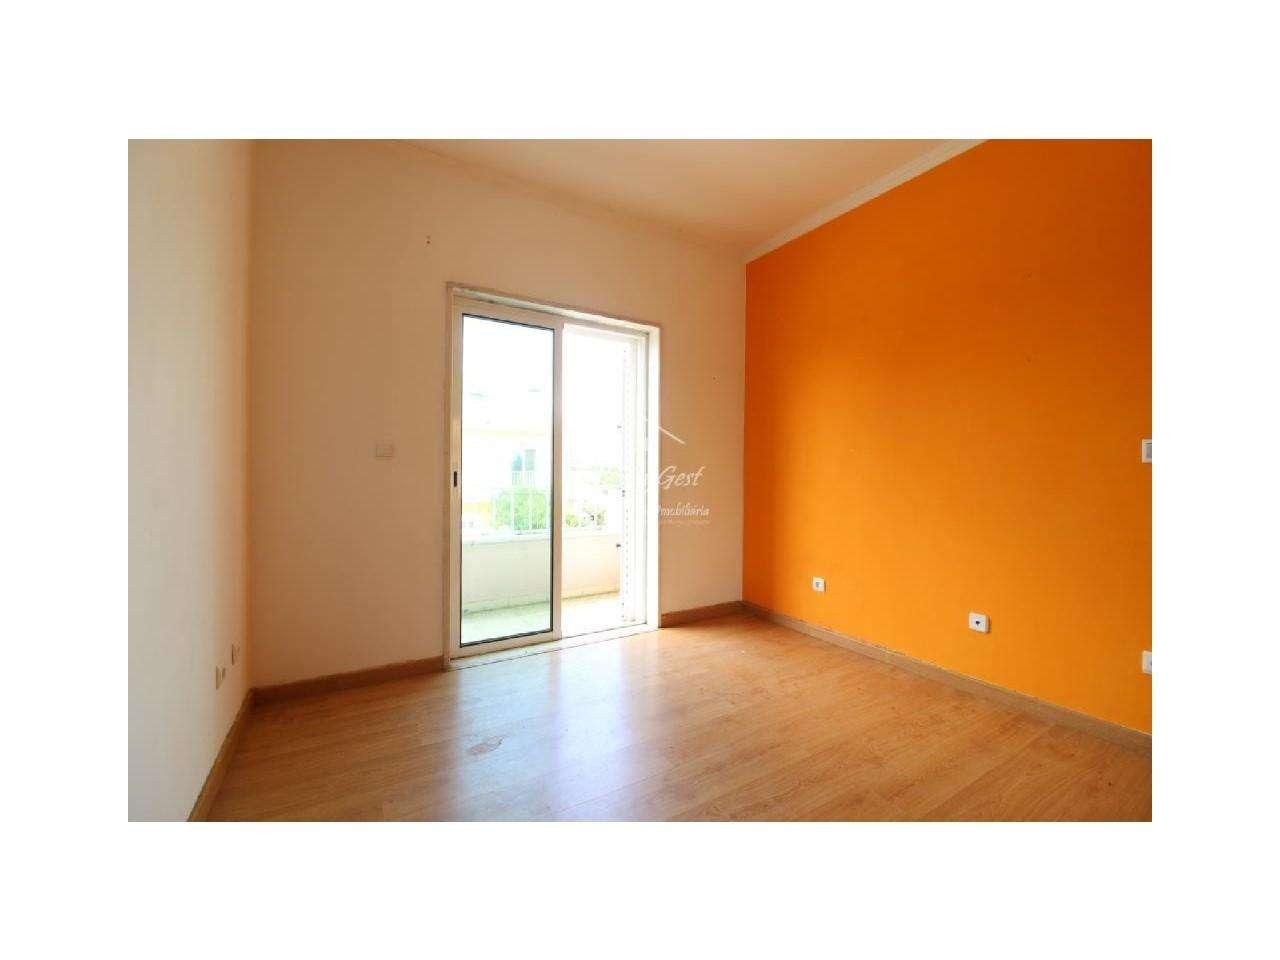 Apartamento para comprar, Fernão Ferro, Setúbal - Foto 6